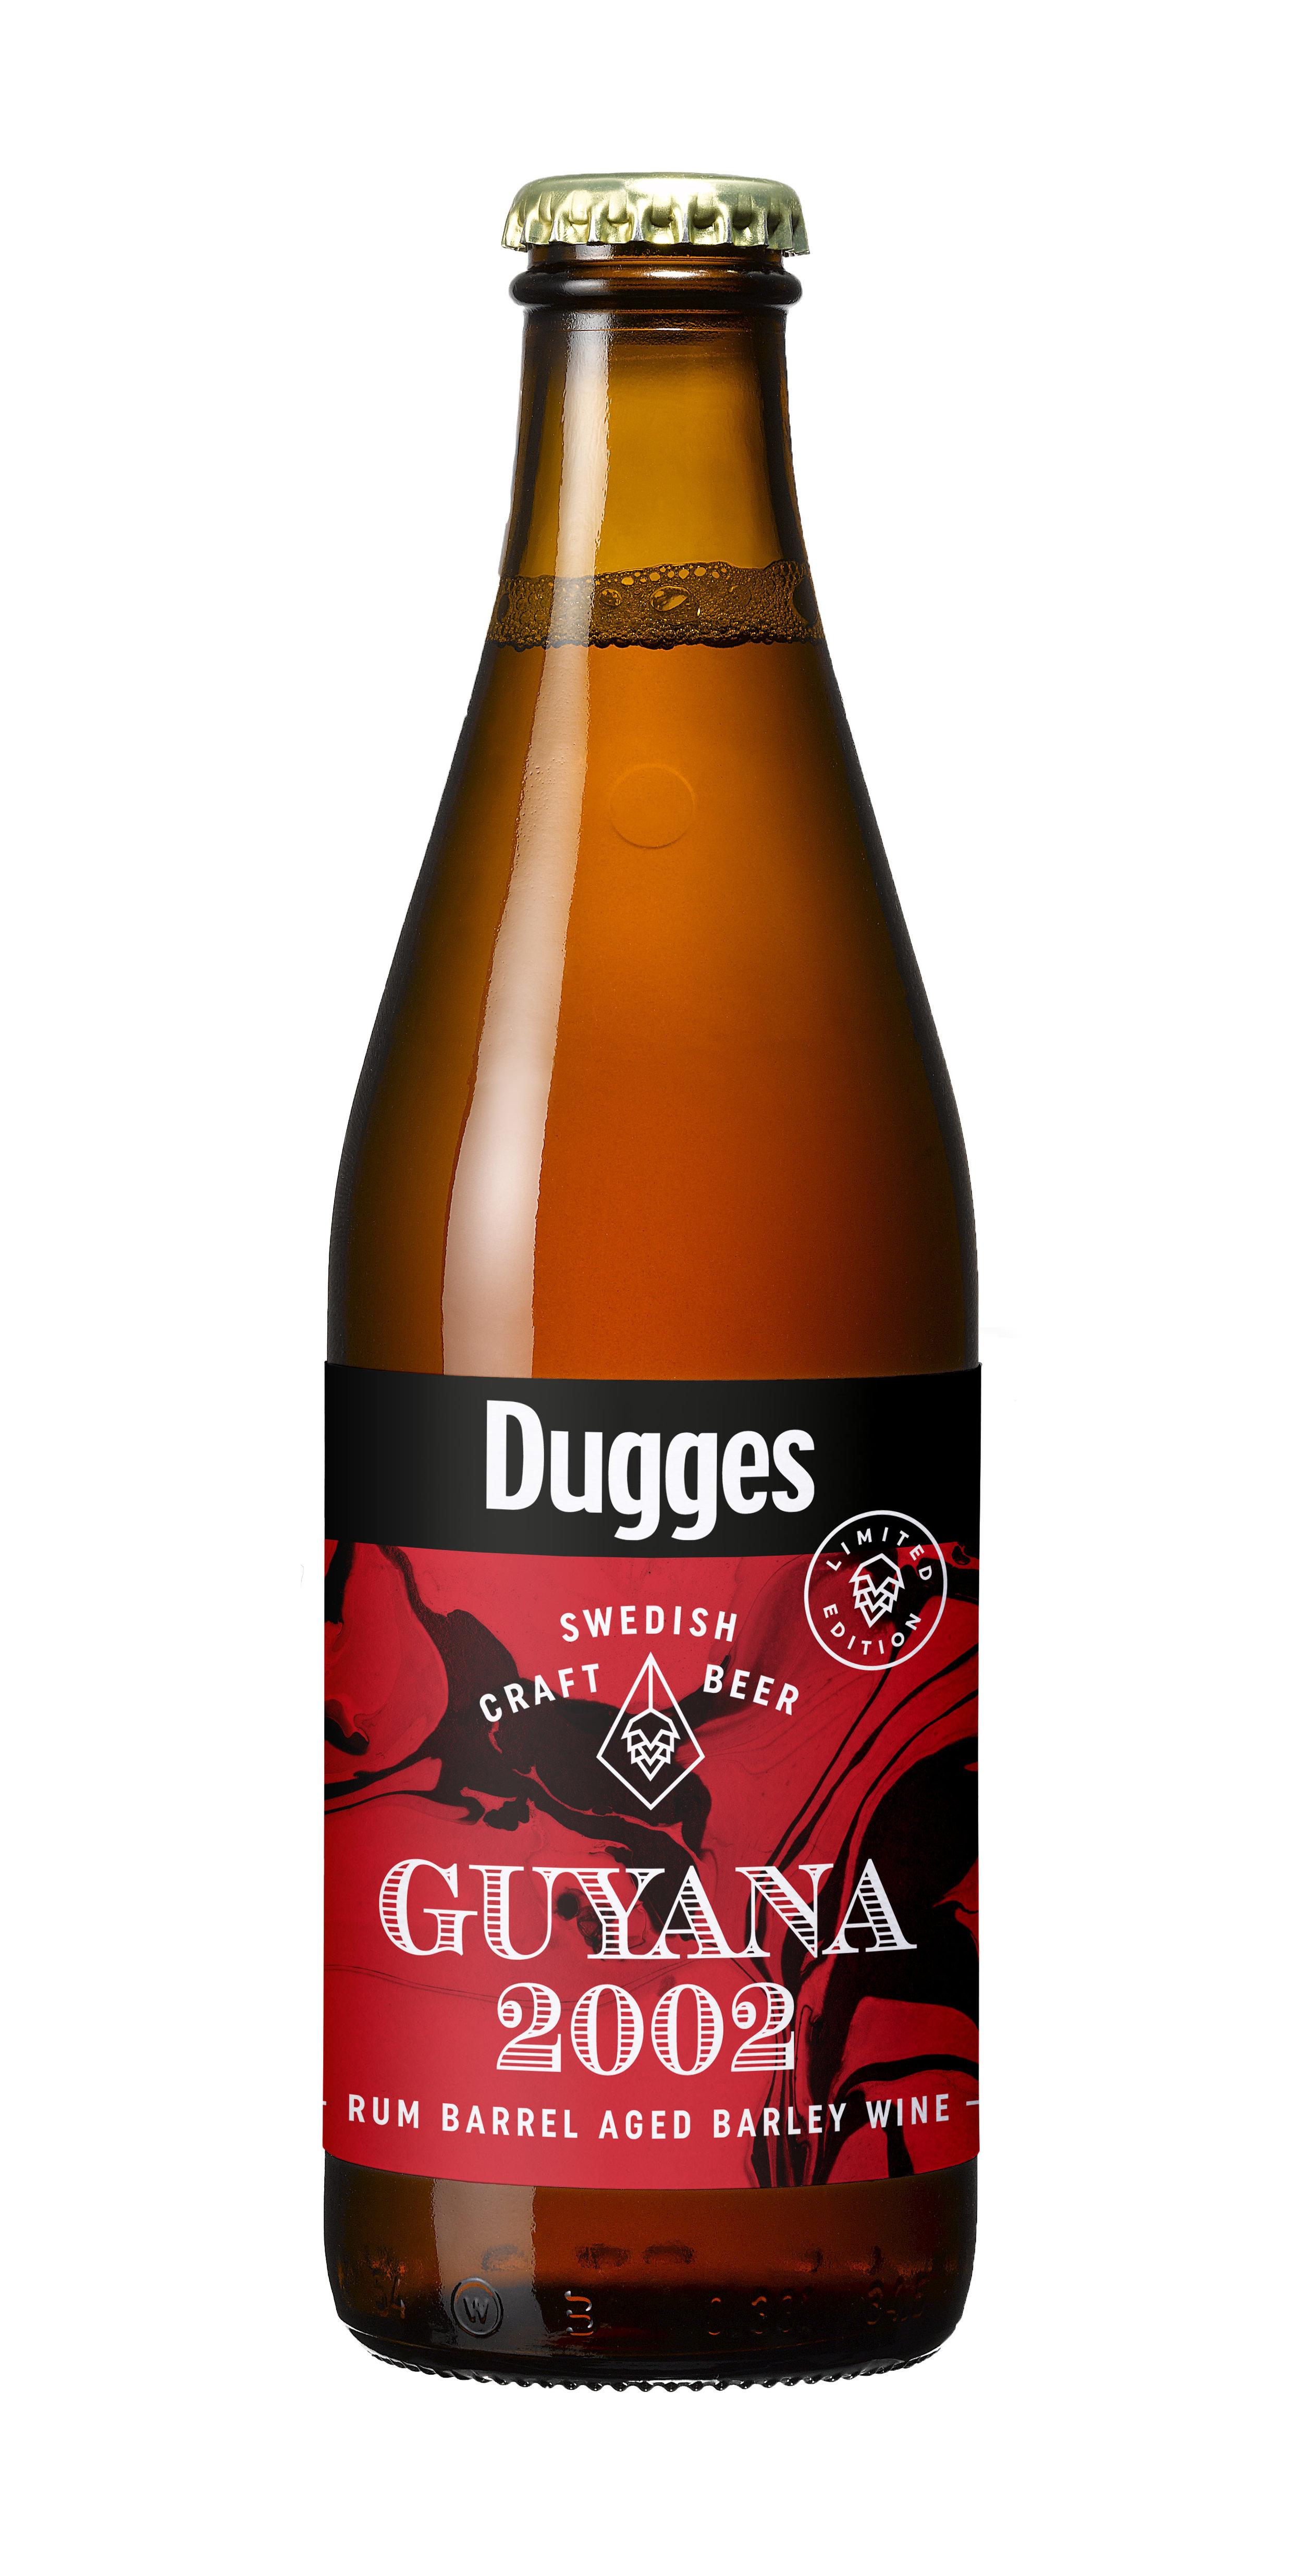 bottle_web1_Guyana2002.jpg